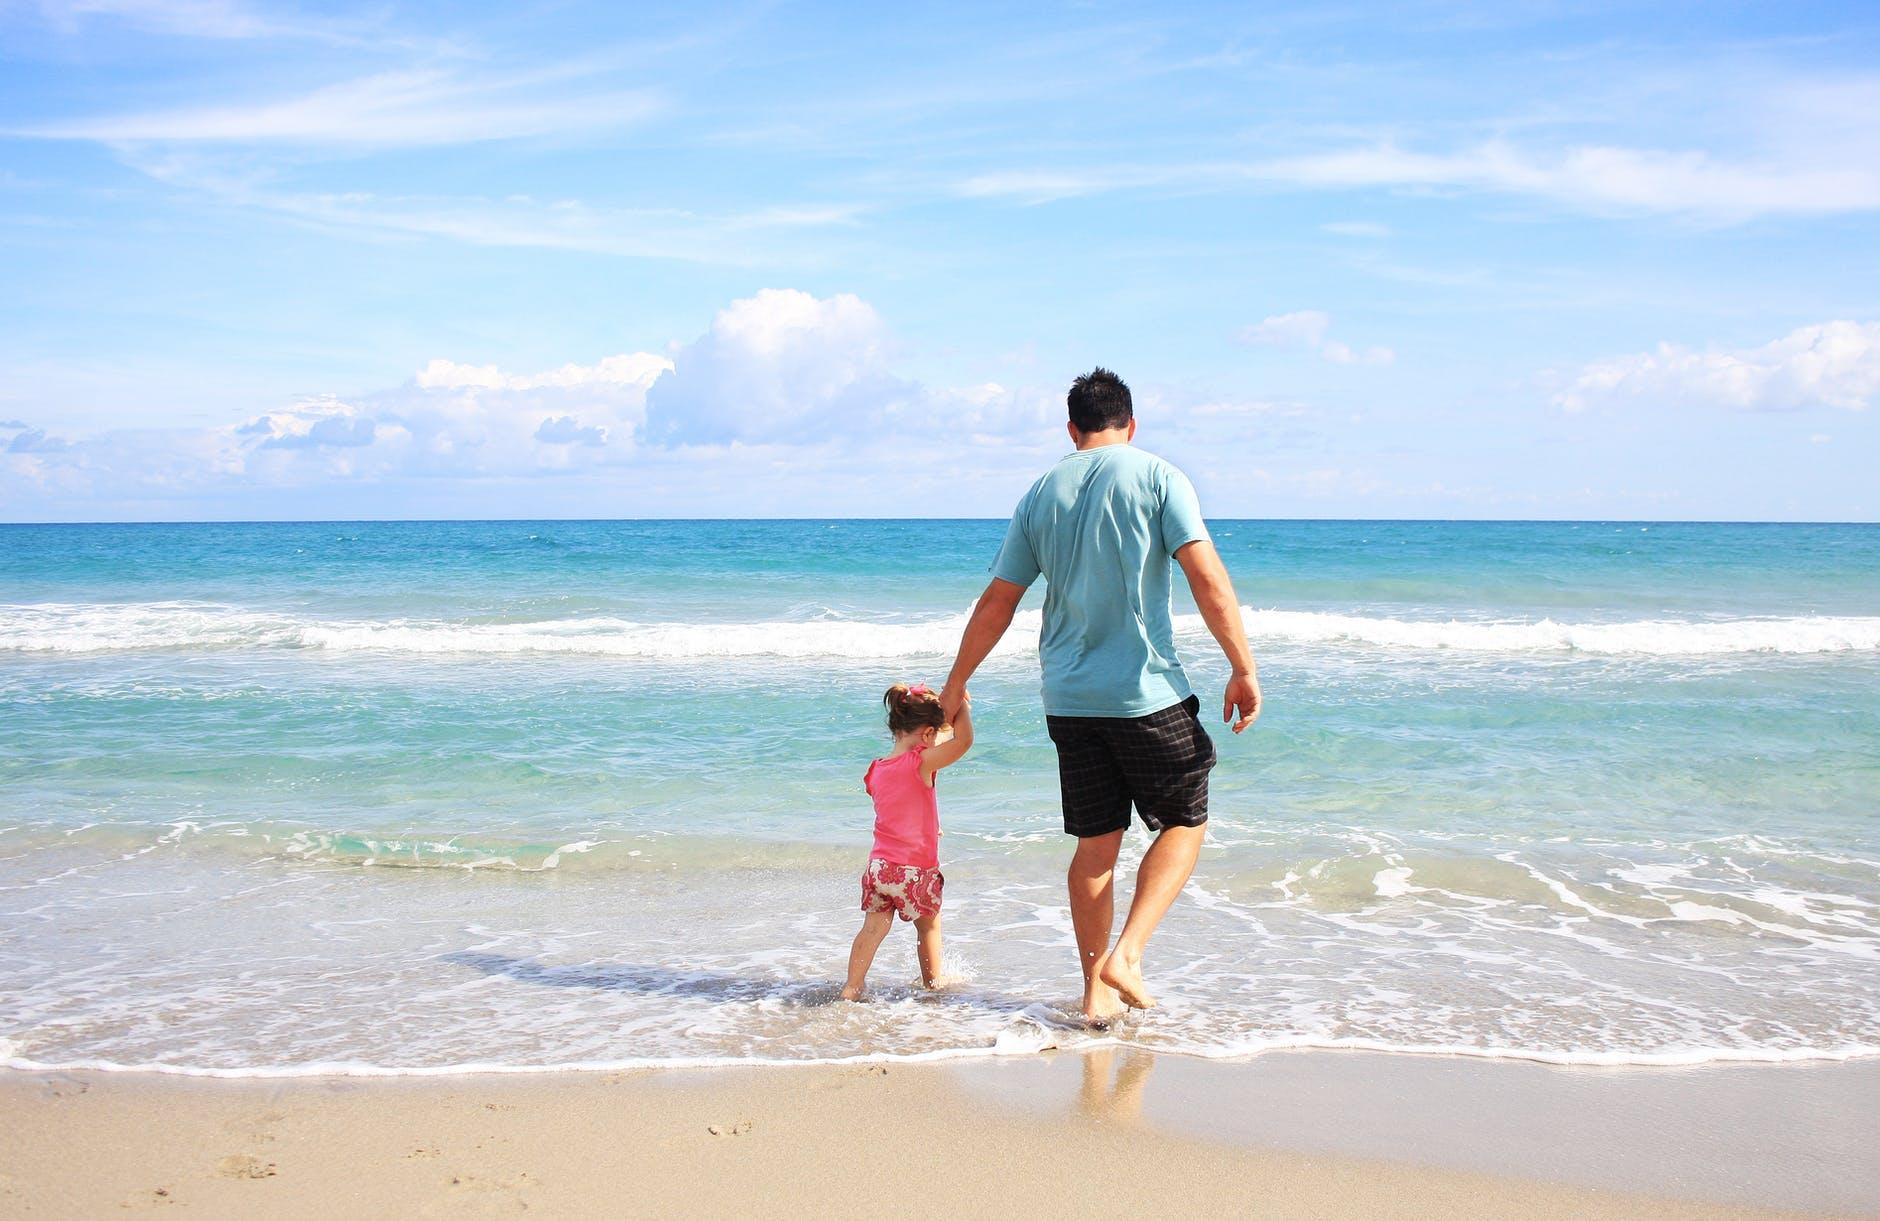 sea sunny beach sand